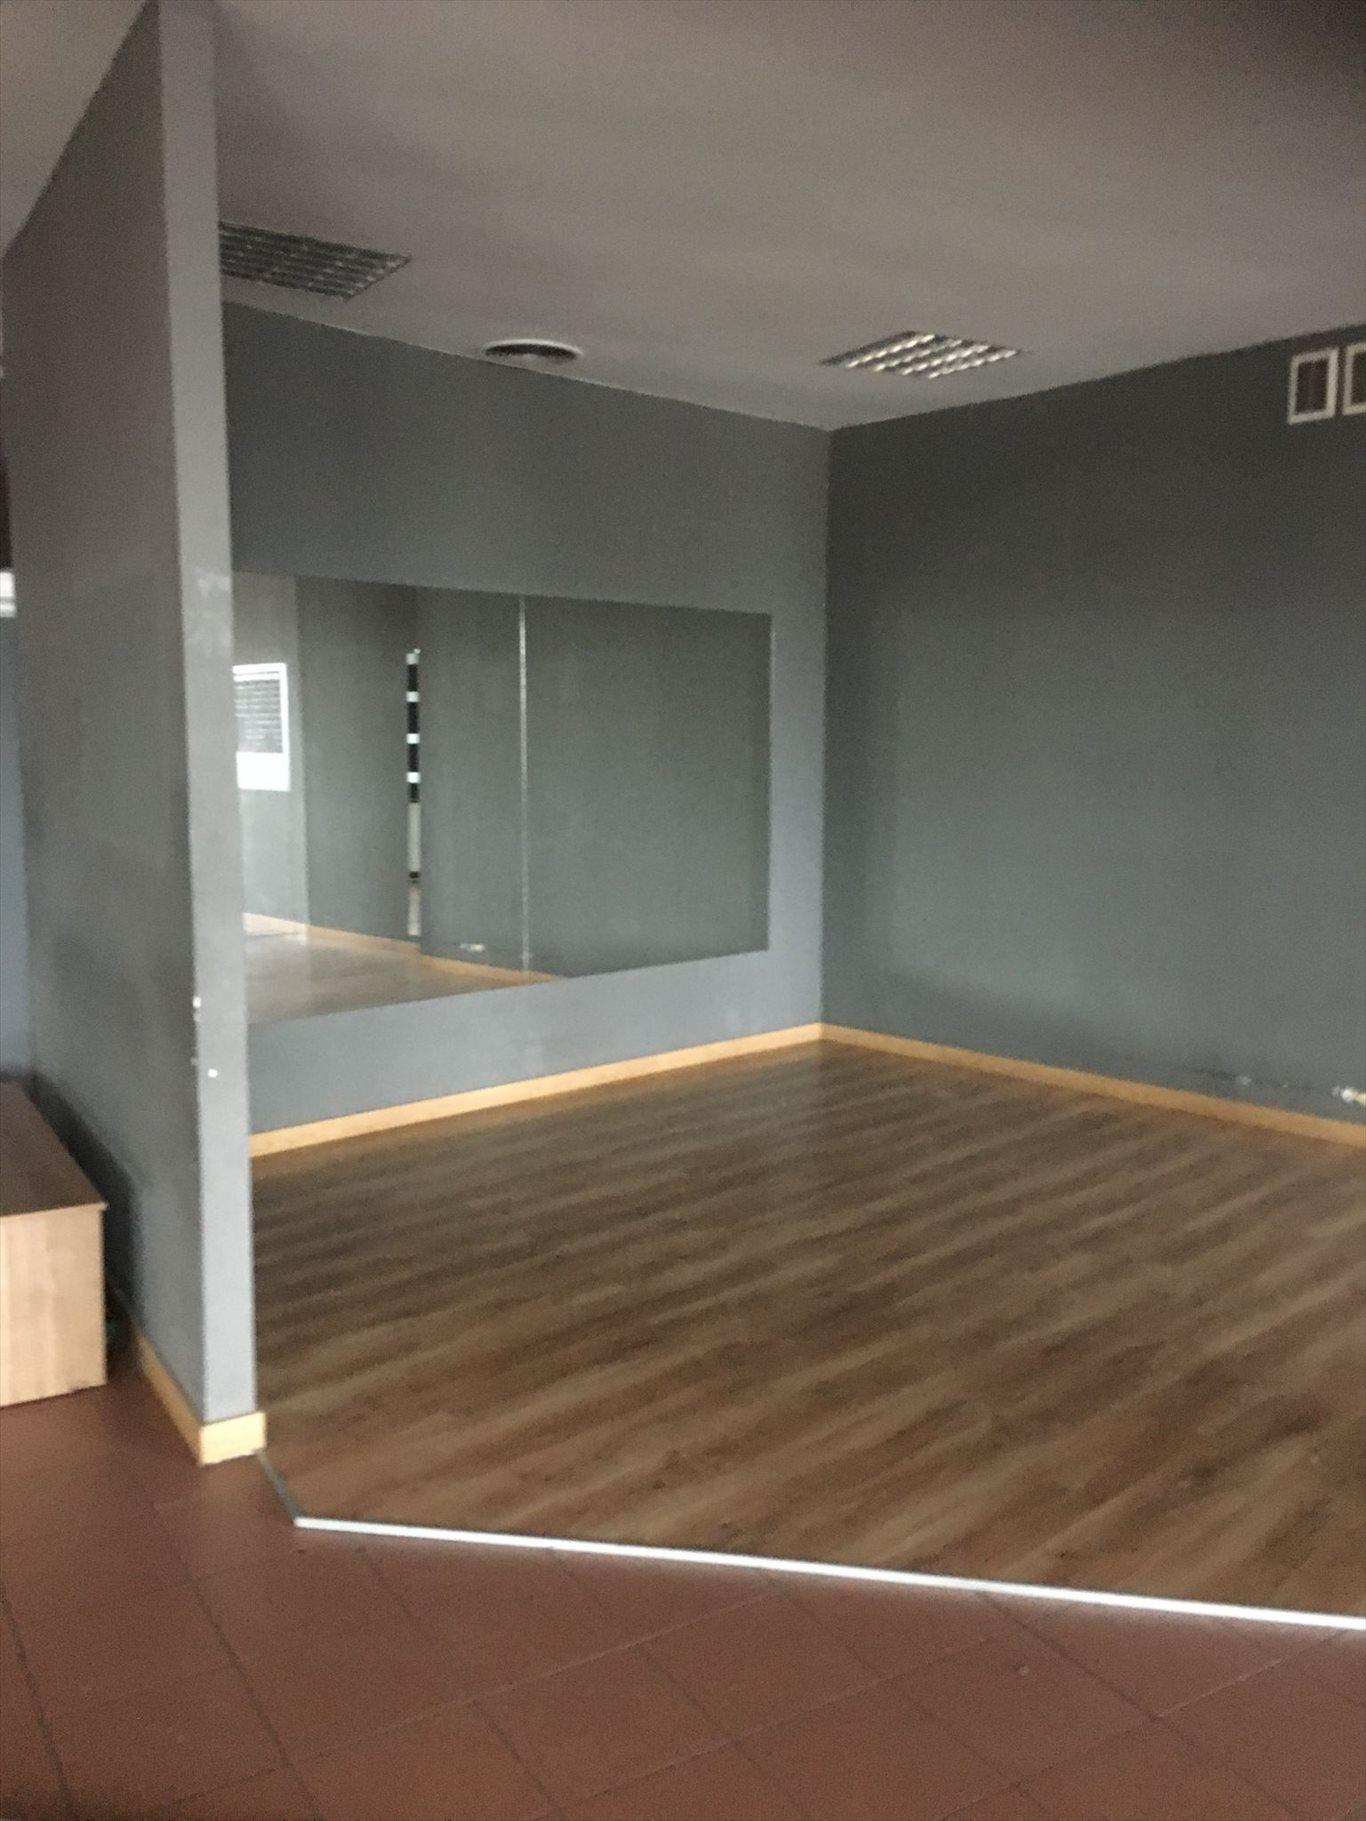 Lokal użytkowy na wynajem Kielce, Centrum, Paderewskiego  Fitness !!!!  461m2 Foto 4